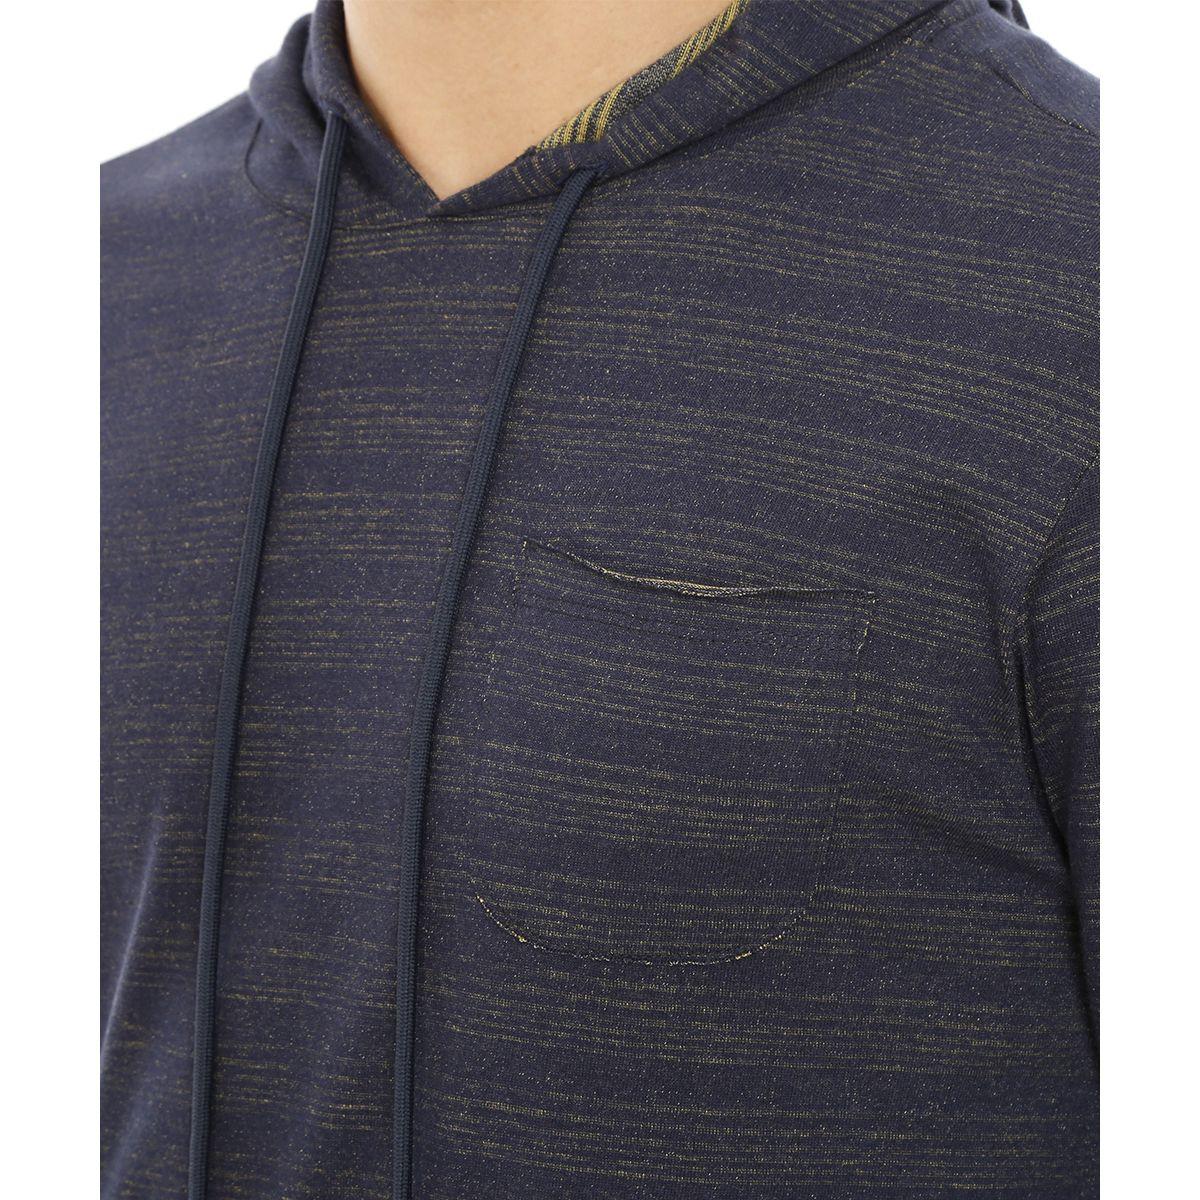 Blusa-Mg-Longa-Listrada-Capuz-Azul